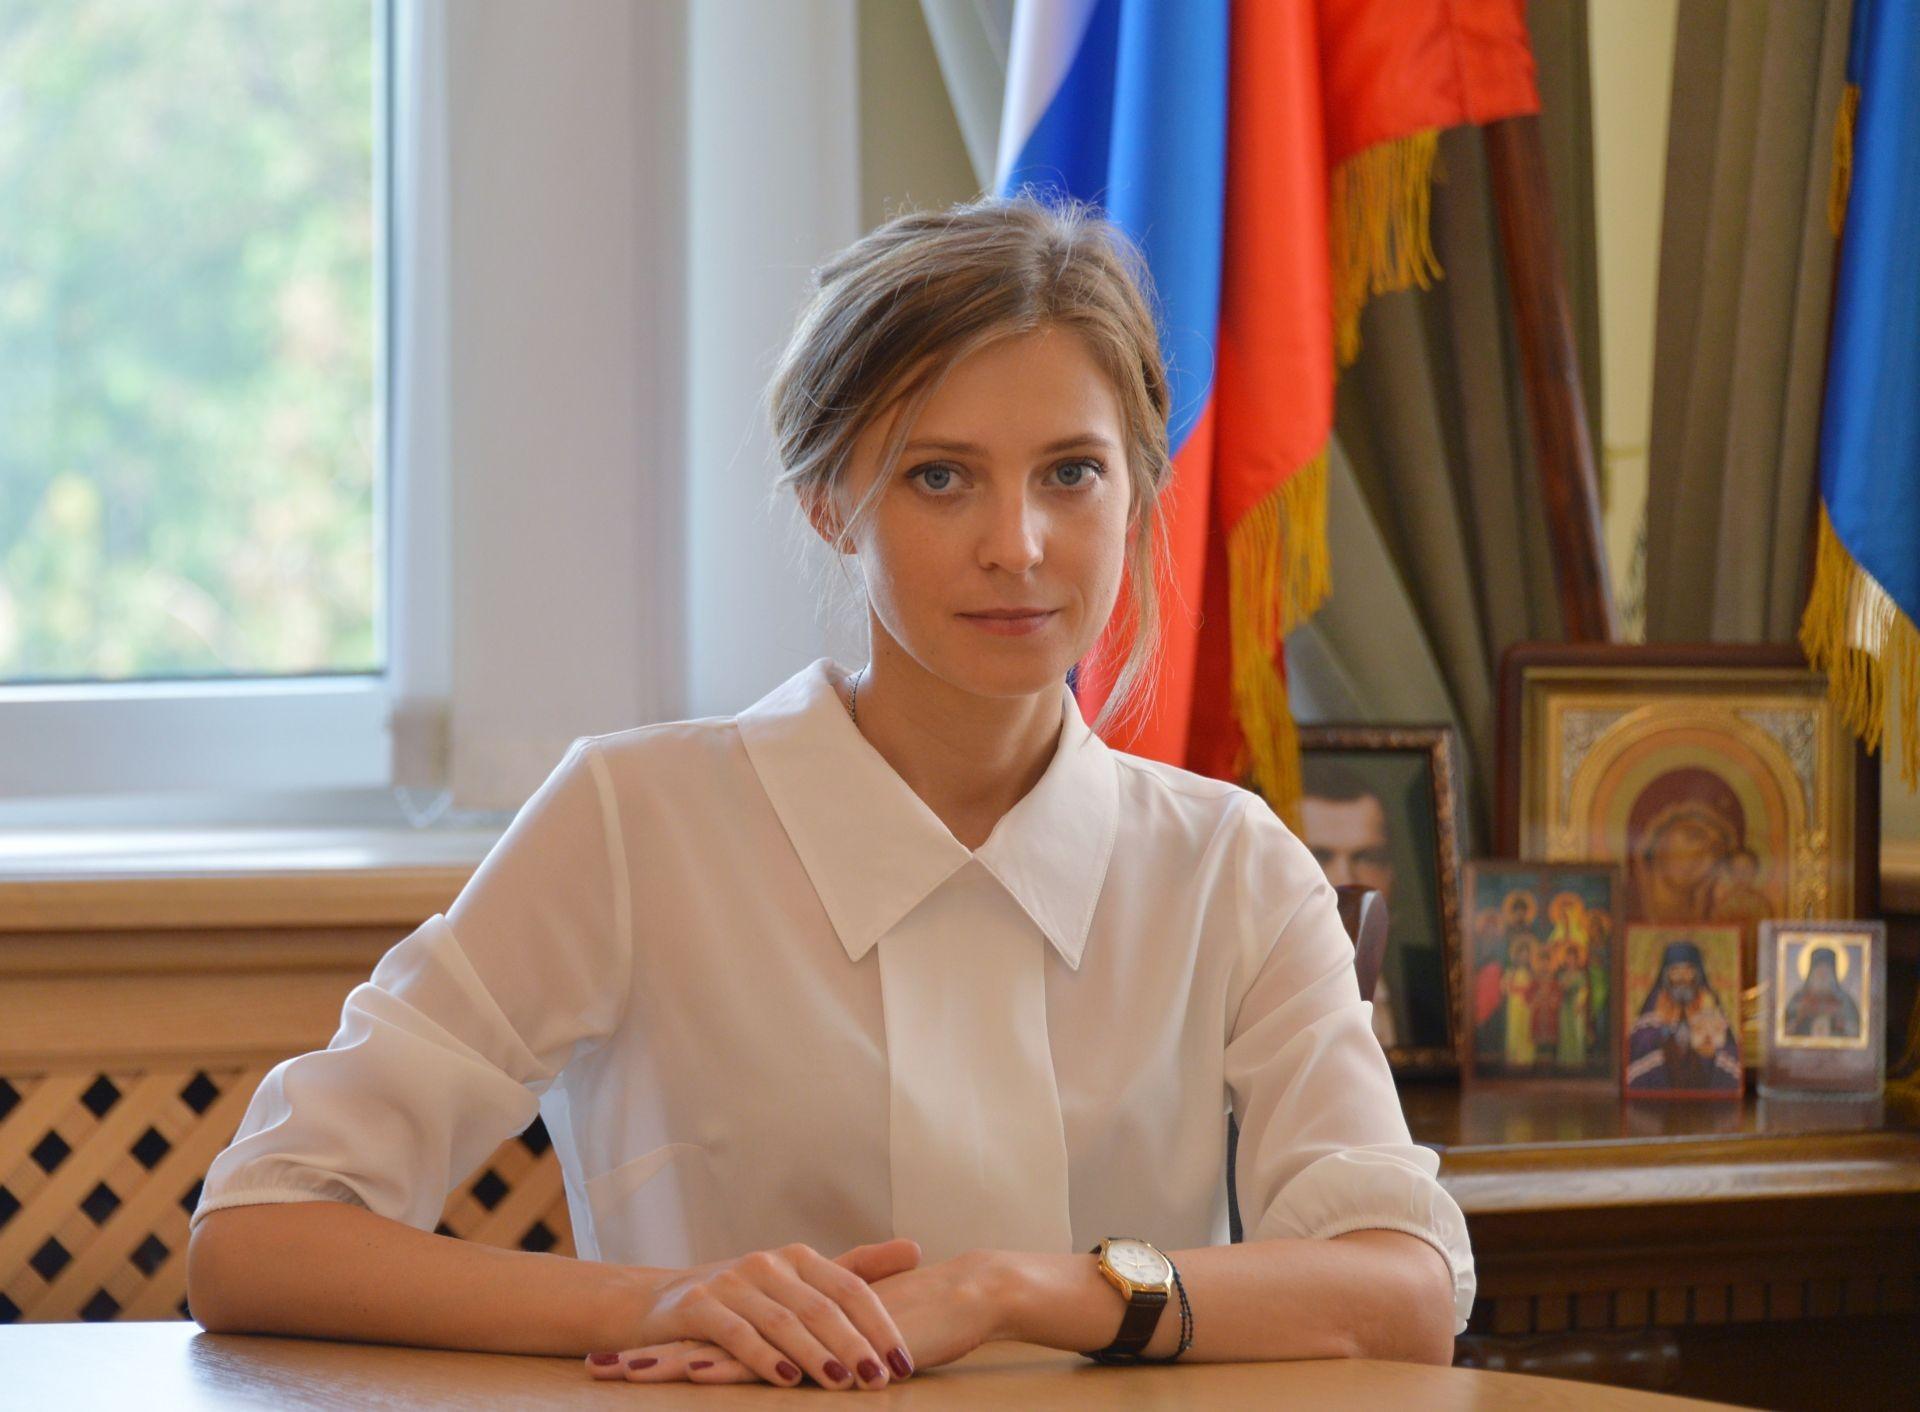 Наталья Поклонская разочарована реакцией Гордона на её интервью